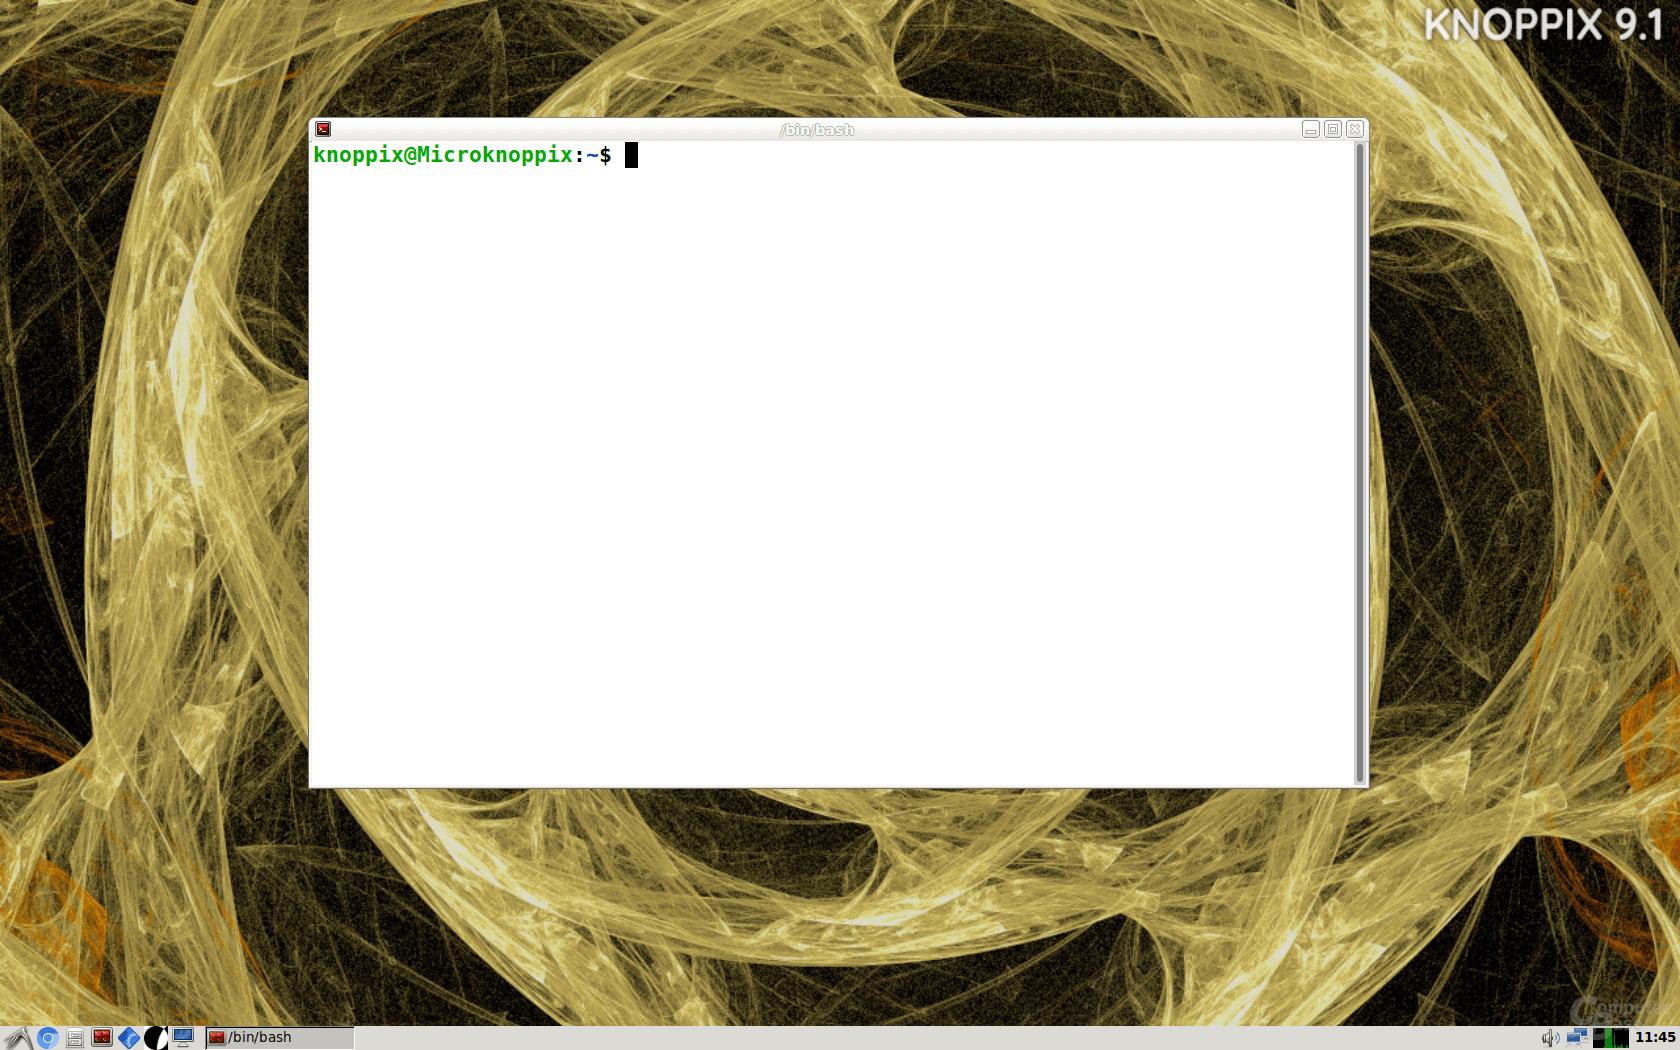 KNOPPIX 9.1 – Terminal